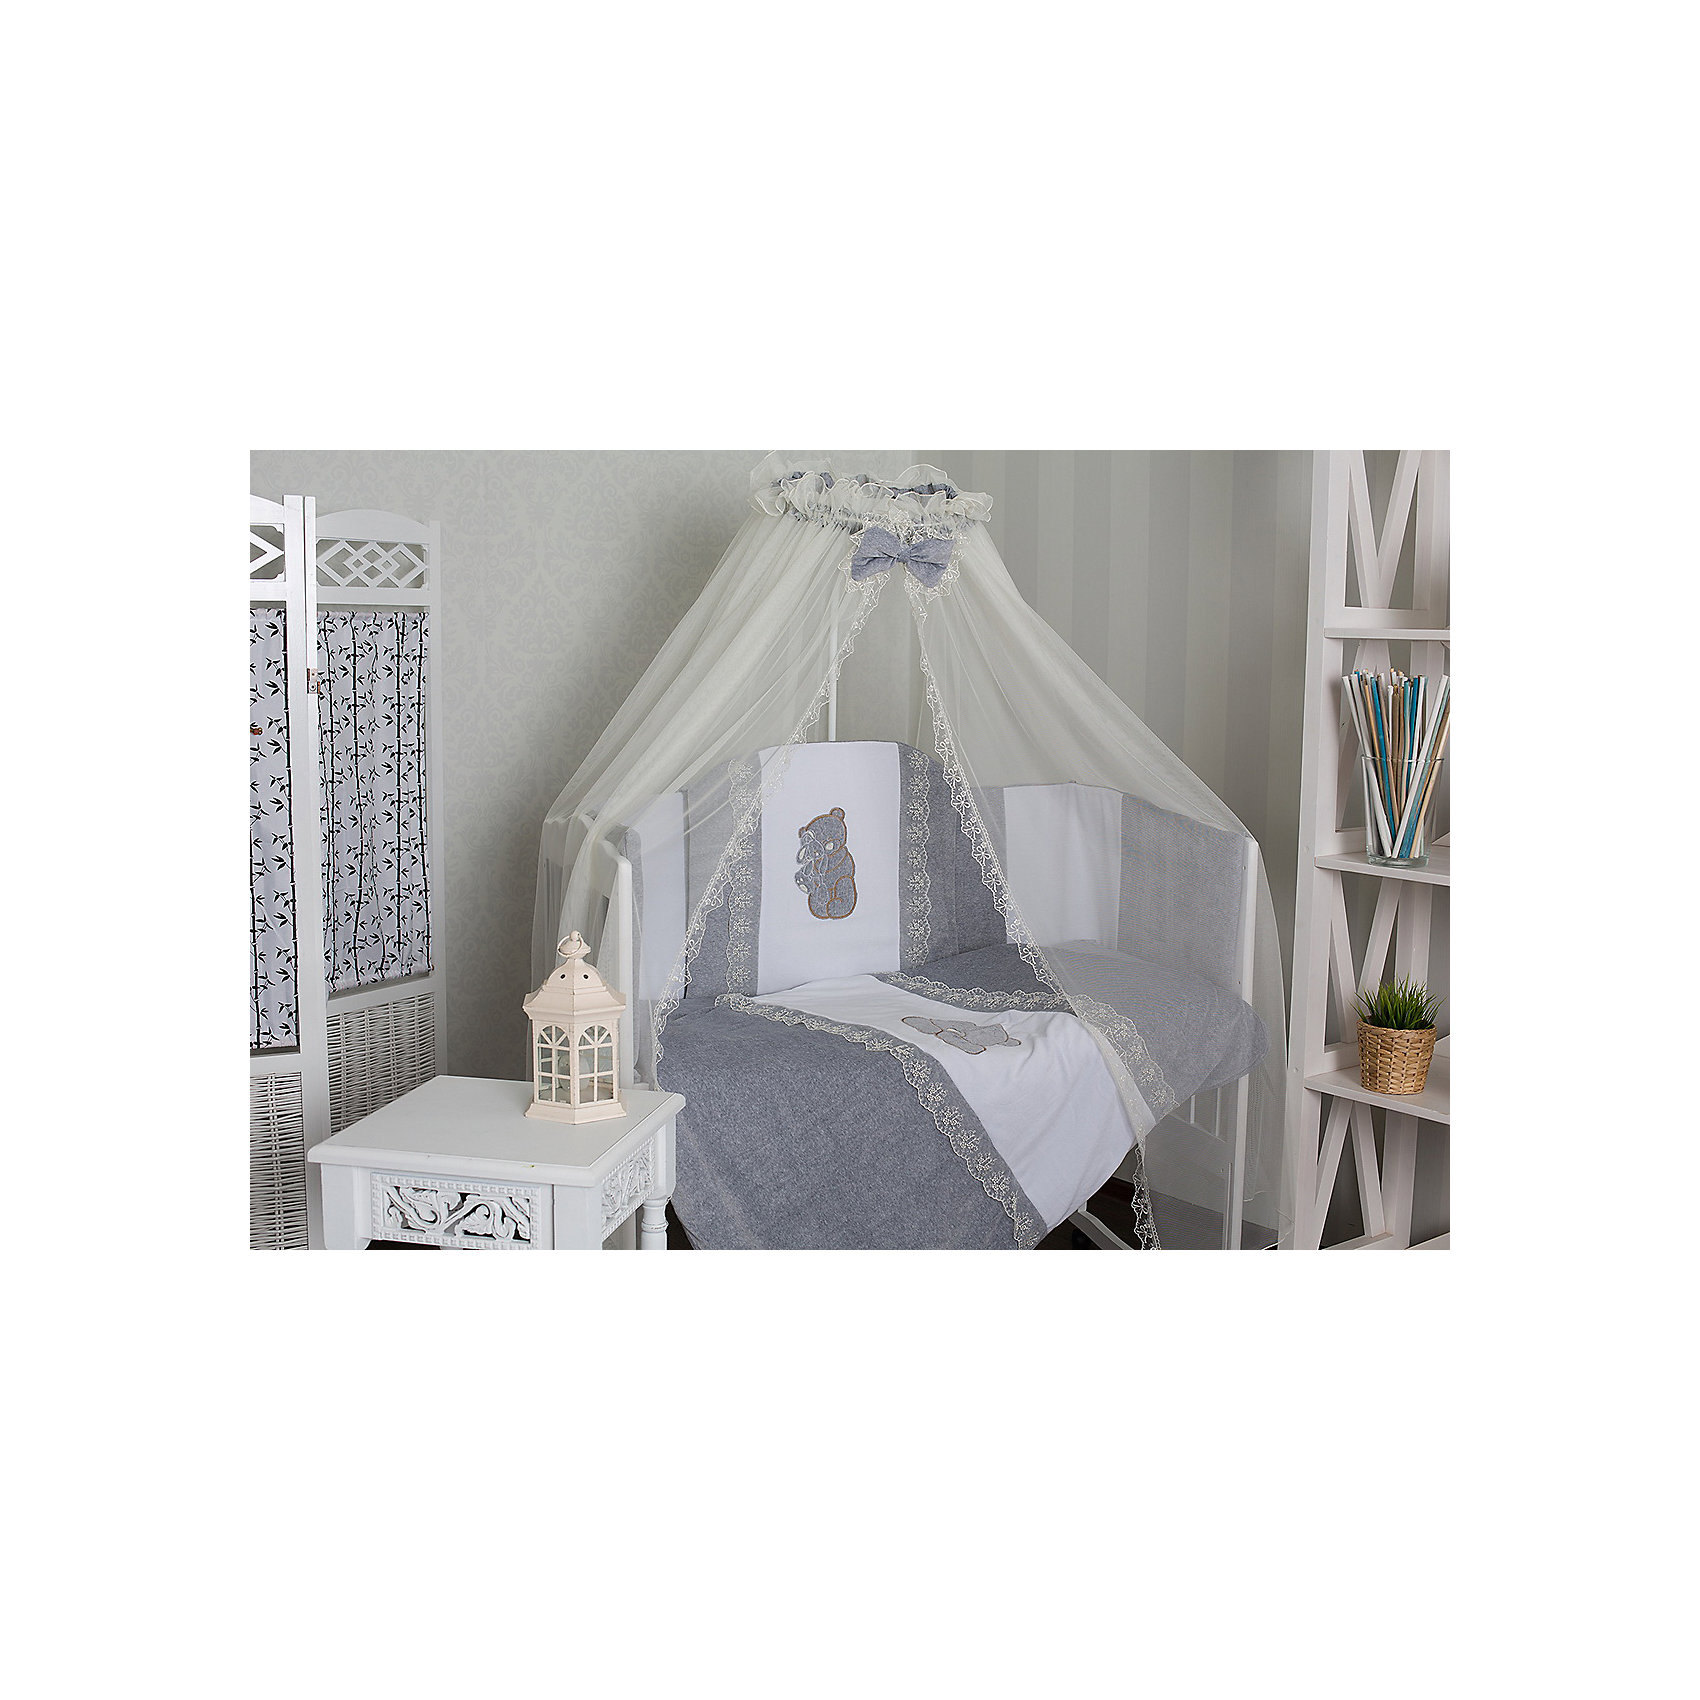 Комплект в кроватку 6 пред., GulSara, 46 бежевыйПостельное бельё<br>Характеристики:<br><br>• Вид детского текстиля: комплект для детской кроватки<br>• Пол: универсальный<br>• Тематика рисунка: медвежонок<br>• Сезон: круглый год<br>• Материал: велюр, трикотаж, вуаль<br>• Наполнитель: синтепон и холофабер (полиэстер 100%)<br>• Цвет: бежевый, белый<br> одеяло -плед– 1 шт. 110*140 см <br> простынь на резинке – 1 шт. 100*140 см<br> наволочка – 1 шт. 40*60 см<br> подушка – 1 шт. 40*60 см<br> бортики – 4 части (Д*В): 360*40 см <br> балдахин – 1 шт. 400*150 см<br>• Способ крепления к кроватке бортиков: завязки <br>• Упаковка: полиэтилен <br>• Вес в упаковке: 1 кг 780 г<br>• Особенности ухода: ручная или машинная стирка на деликатном режиме при температуре не более 30 градусов без применения красящих и отбеливающих веществ<br><br>Комплект в кроватку 6 пред., GulSara, 46 бежевый от отечественного швейного производства, который выпускает современный текстиль и товары для новорожденных, изготовленных на основе вековых традиций. В своем производстве GulSara использует только экологичные и натуральные материалы, что обеспечивает их безопасность даже для малышей с чувствительной кожей. Комплект из 6-ти предметов предназначен для детской кроватки стандартного размера и включает в себя: плед, подушку, наволочку, простынь, бортики и балдахин. <br><br>Все изделия выполнены из натуральных тканей с повышенными гигиеническими характеристиками. При частых стирках ткань сохраняет свои свойства: не изменяет формы и плотности полотна, не выцветает. Бортики выполнены из 4-х частей, каждая из которых крепится к кроватке при помощи завязок. Комплект выполнен в едином стиле: сочетание элементов розового и голубых оттенков декорировано аппликацией из медвежат и кружевом белого цвета.<br><br>Комплект в кроватку 6 пред., GulSara, 46 бежевый – постельное белье, которое обеспечит здоровый и спокойный сон для вашего малыша! <br><br>Комплект в кроватку 6 пред., GulSara, 46 бежевый можно купить в нашем 